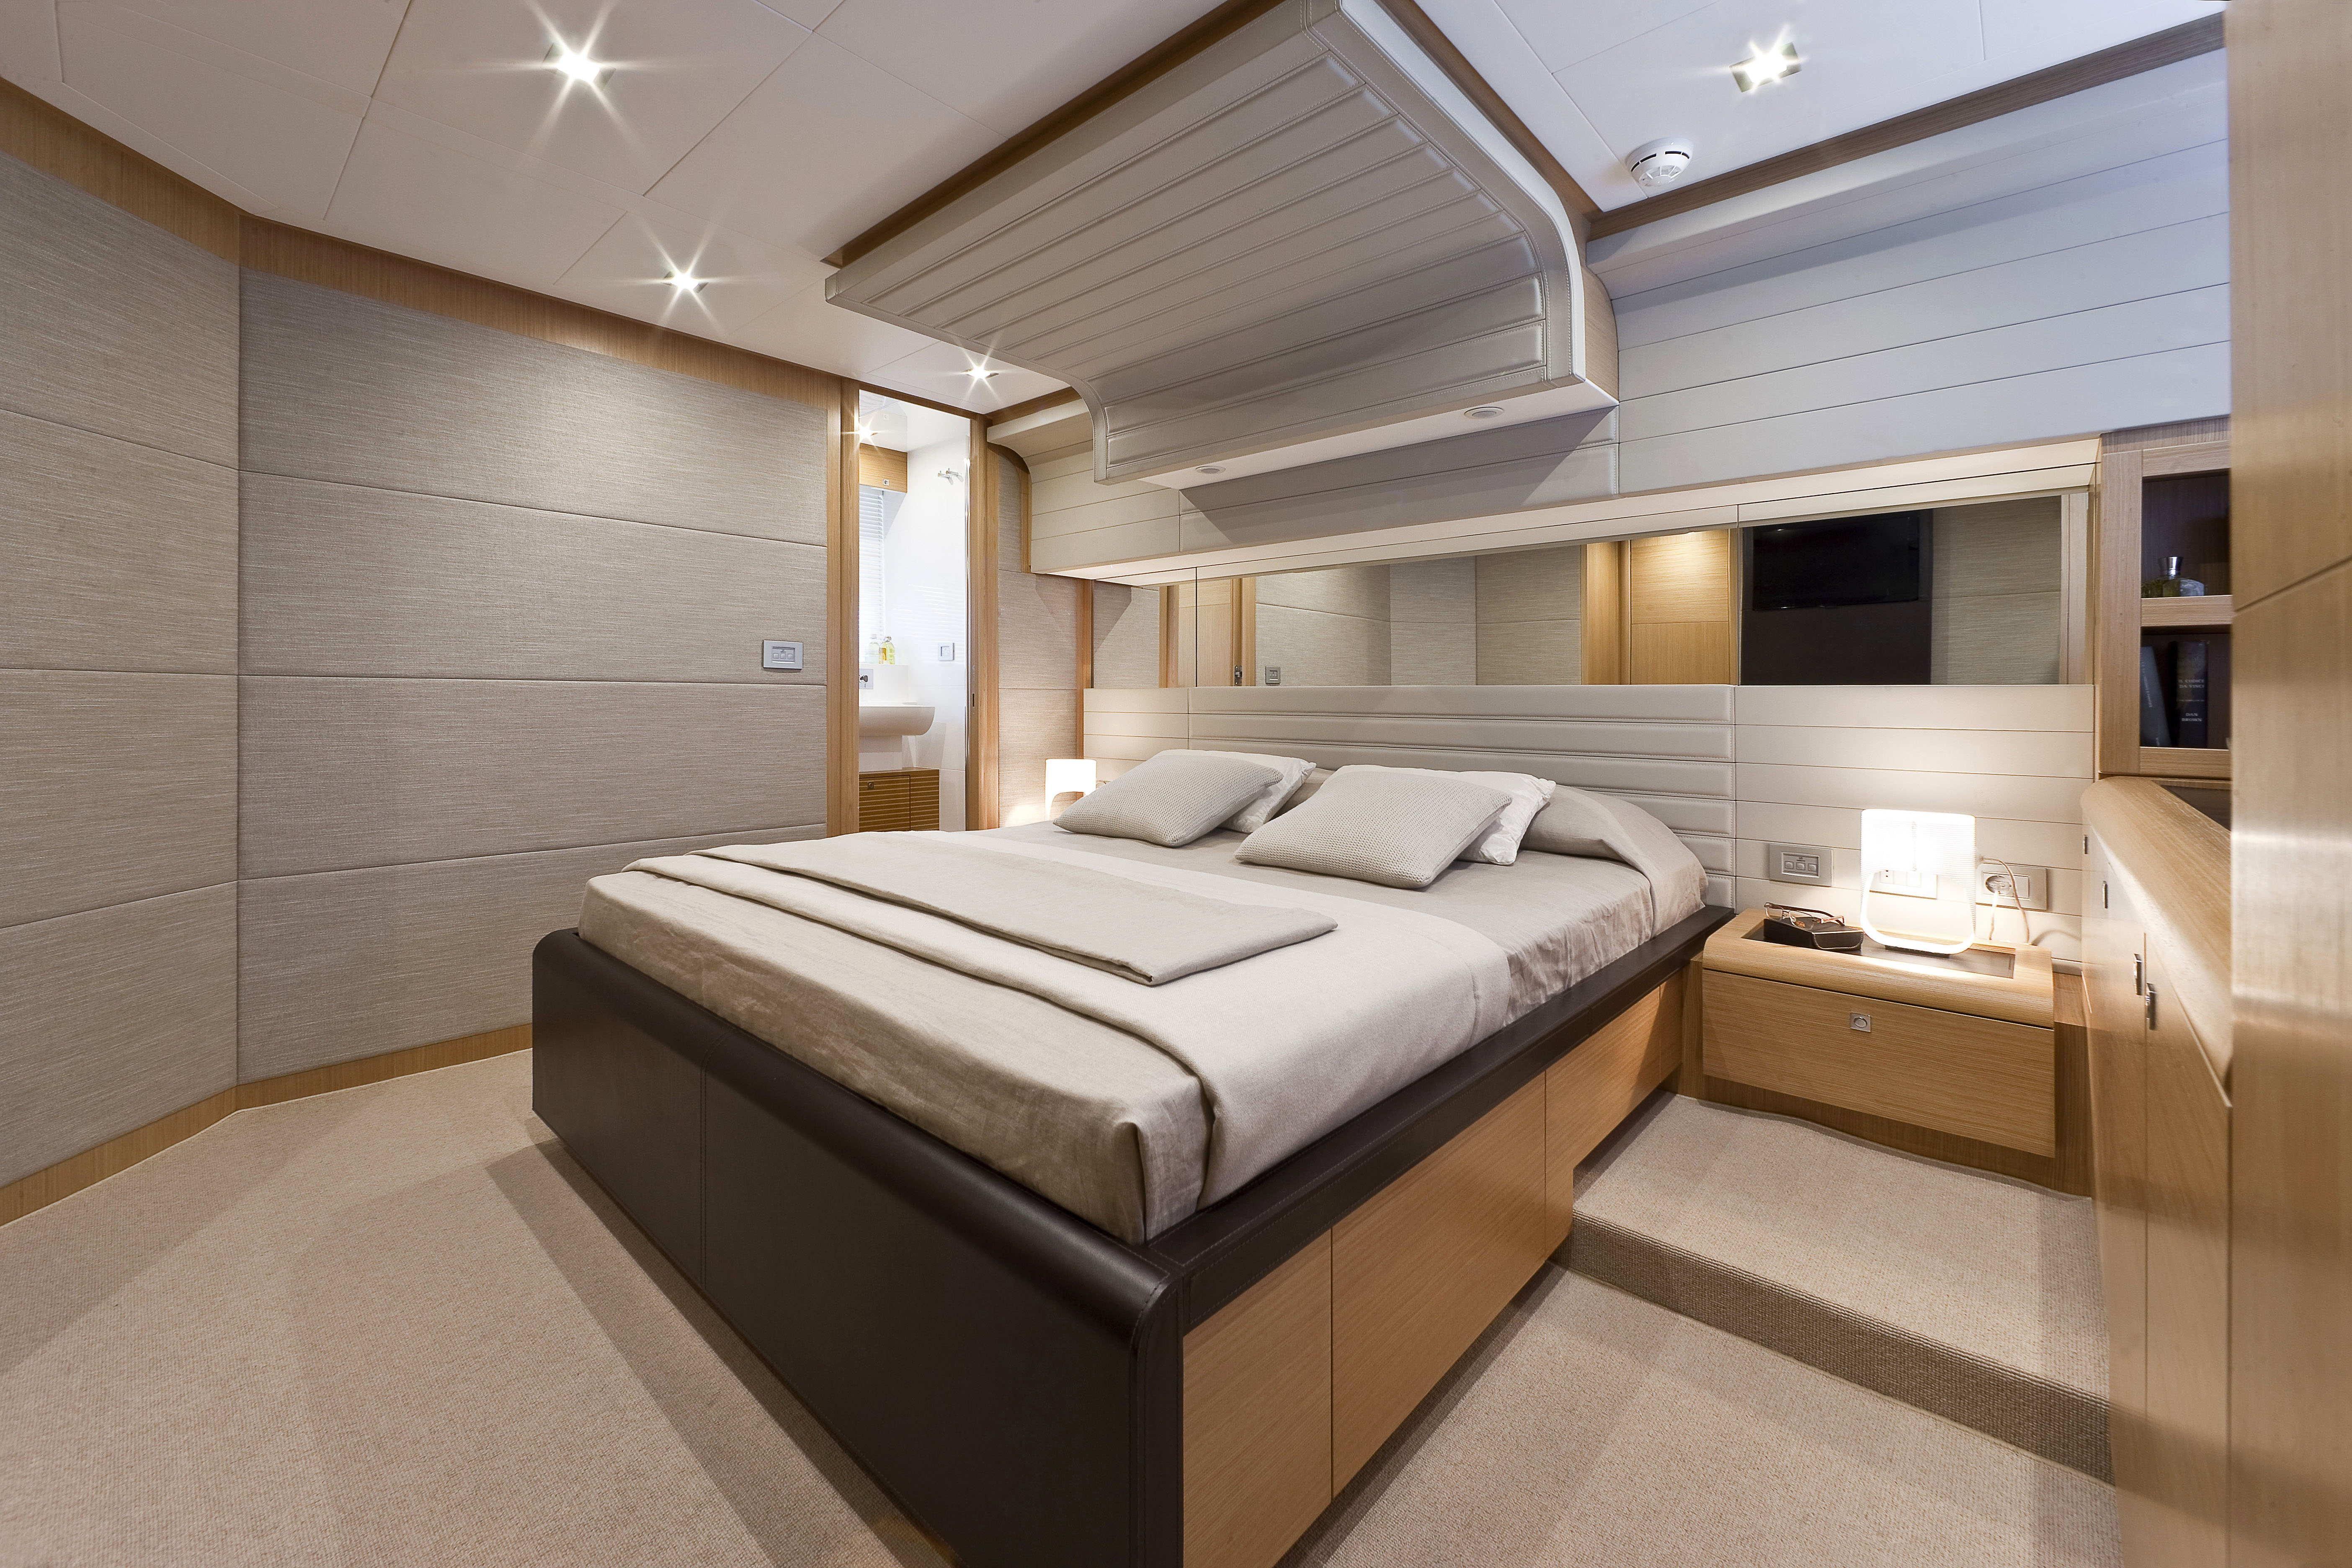 Manufacturer Provided Image: Ferretti 830 Cabin